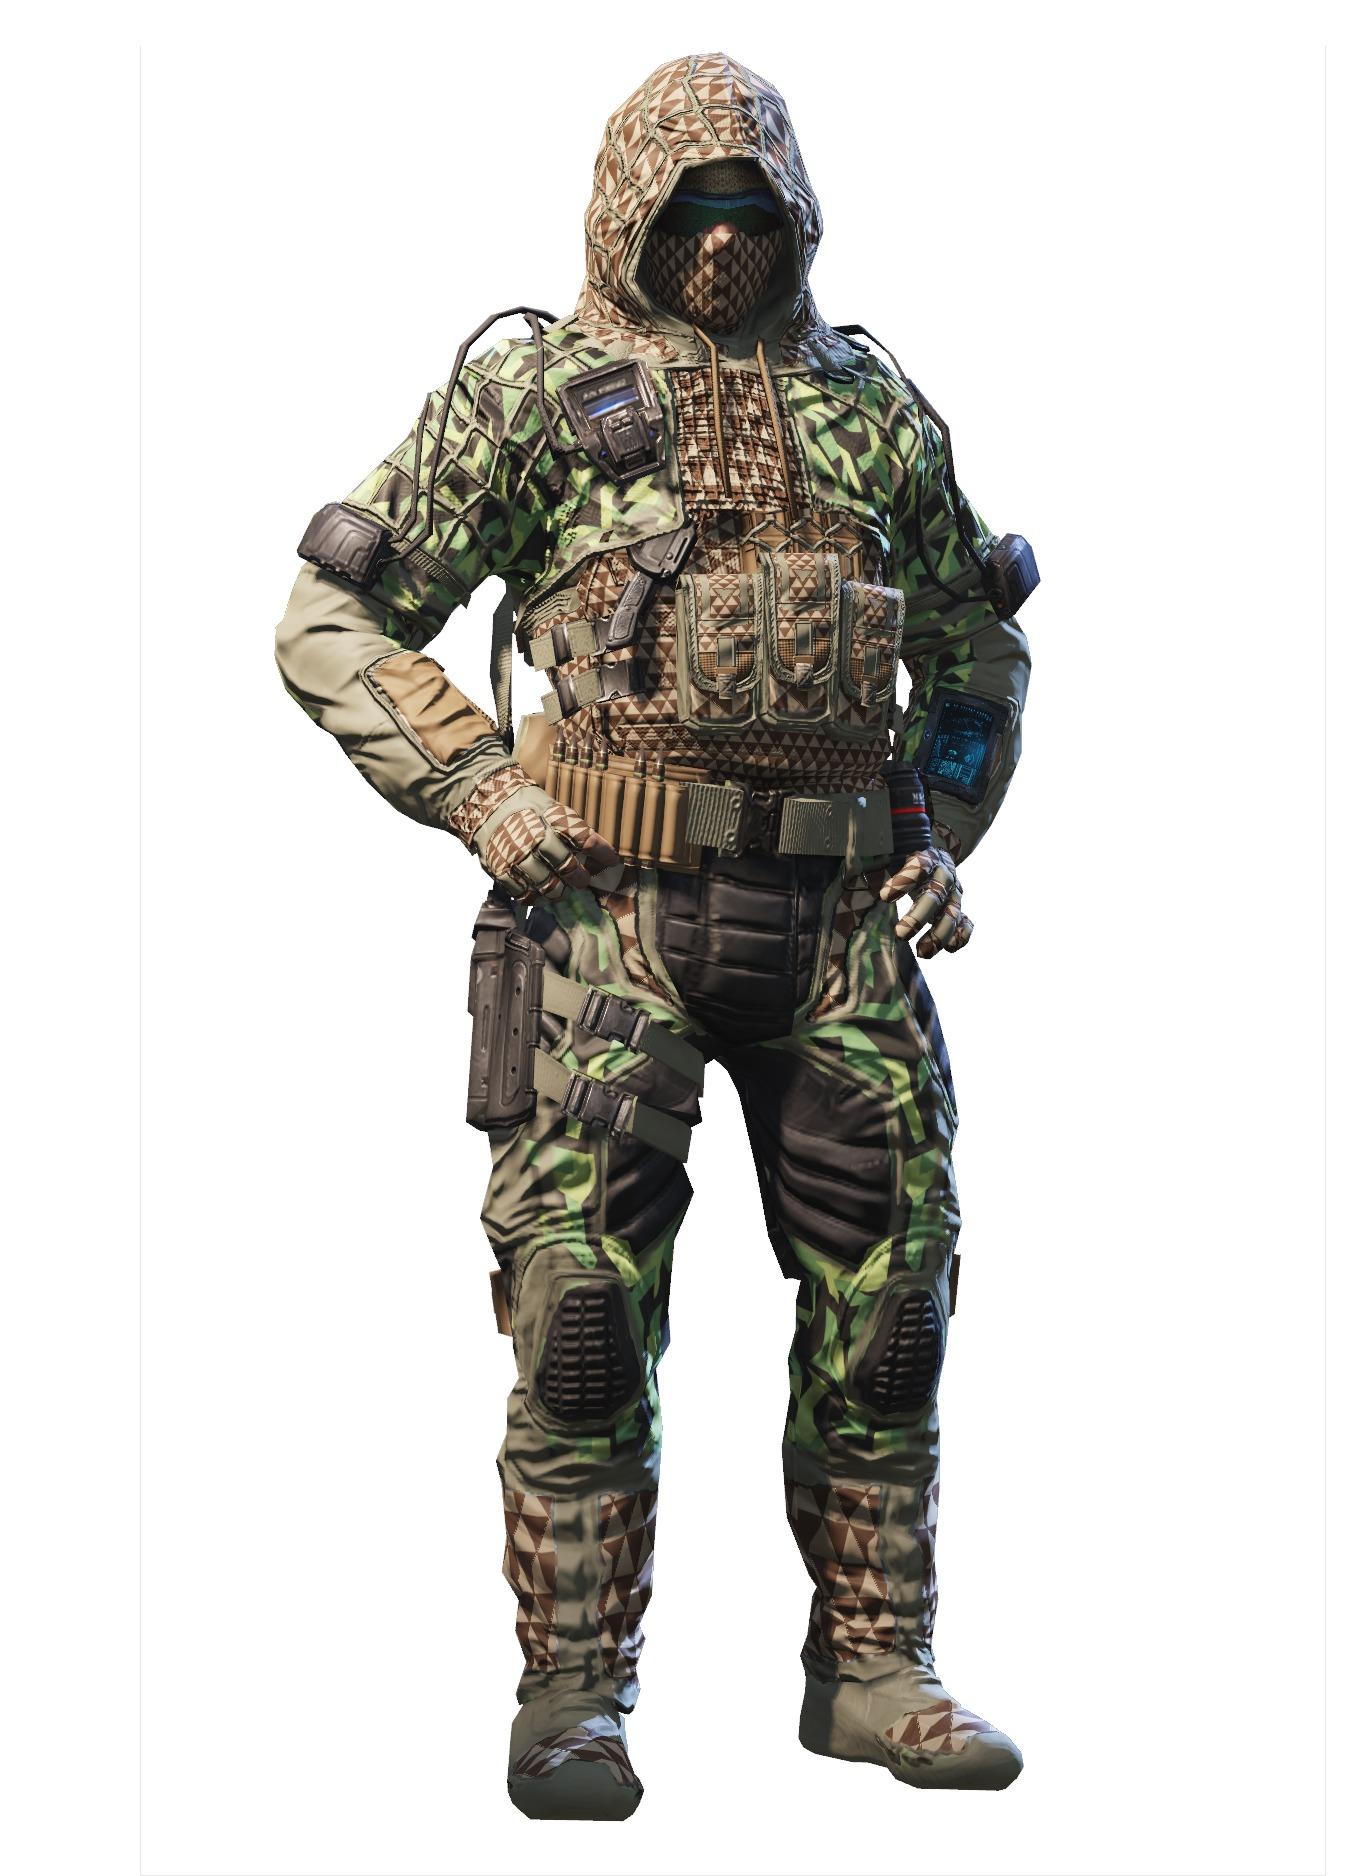 Special Ops 5 – Monster Green モンスターグリーン迷彩の特殊部隊員5